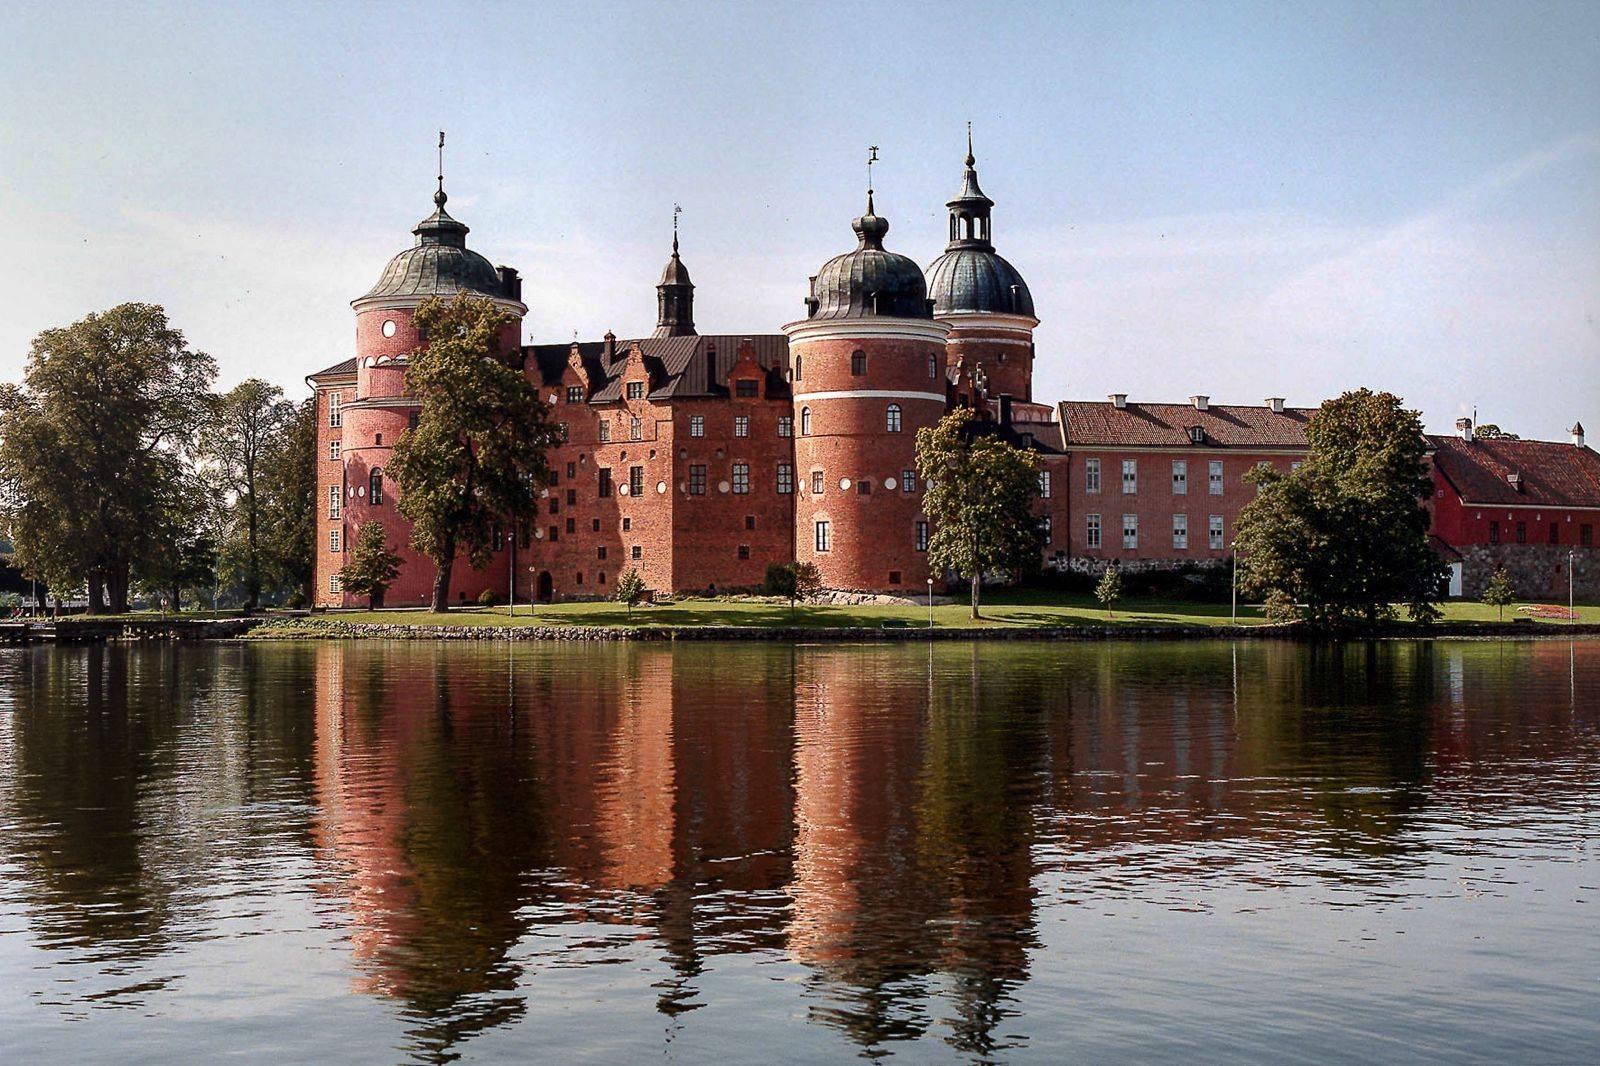 Castles-In-Sweden-Visit_-11.jpg